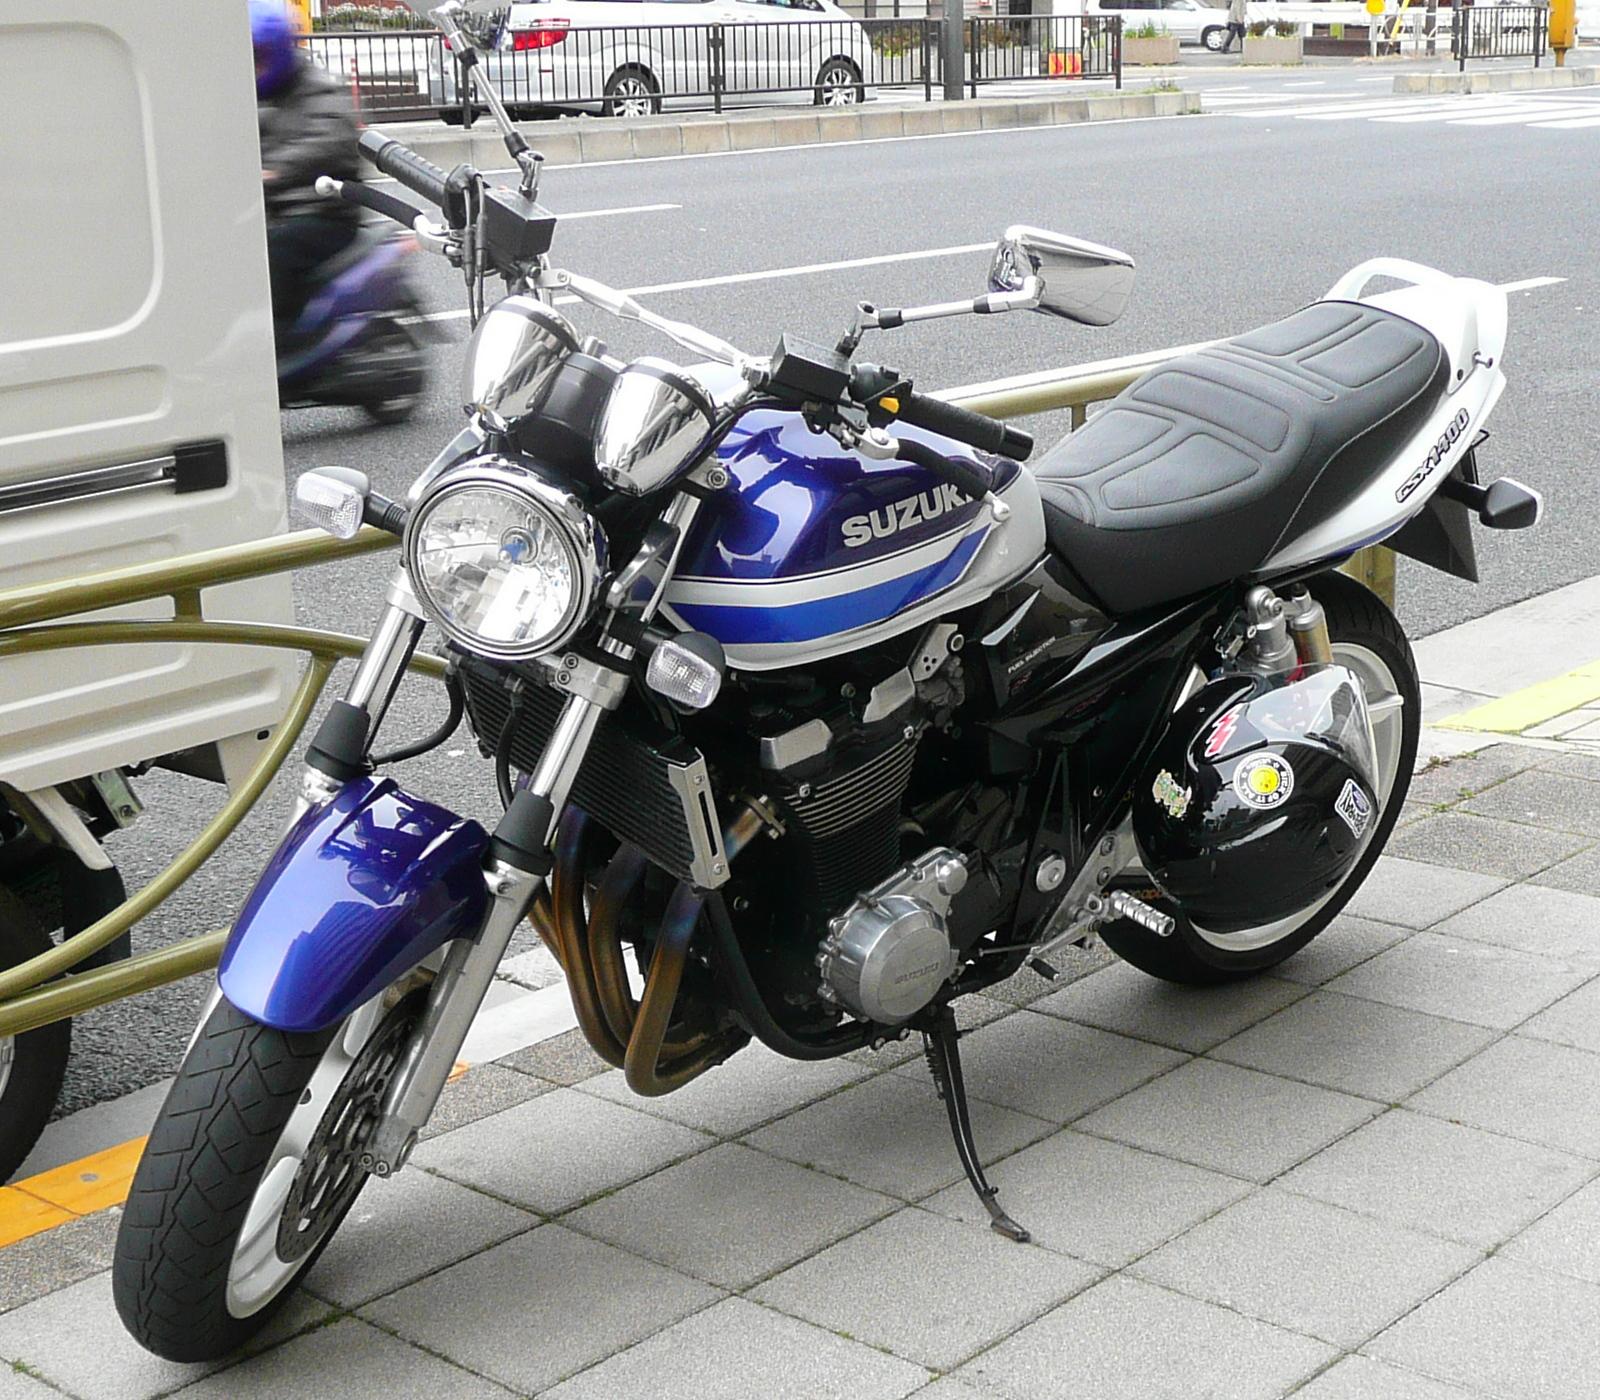 Suzuki South Cape Town Bikes For Sale